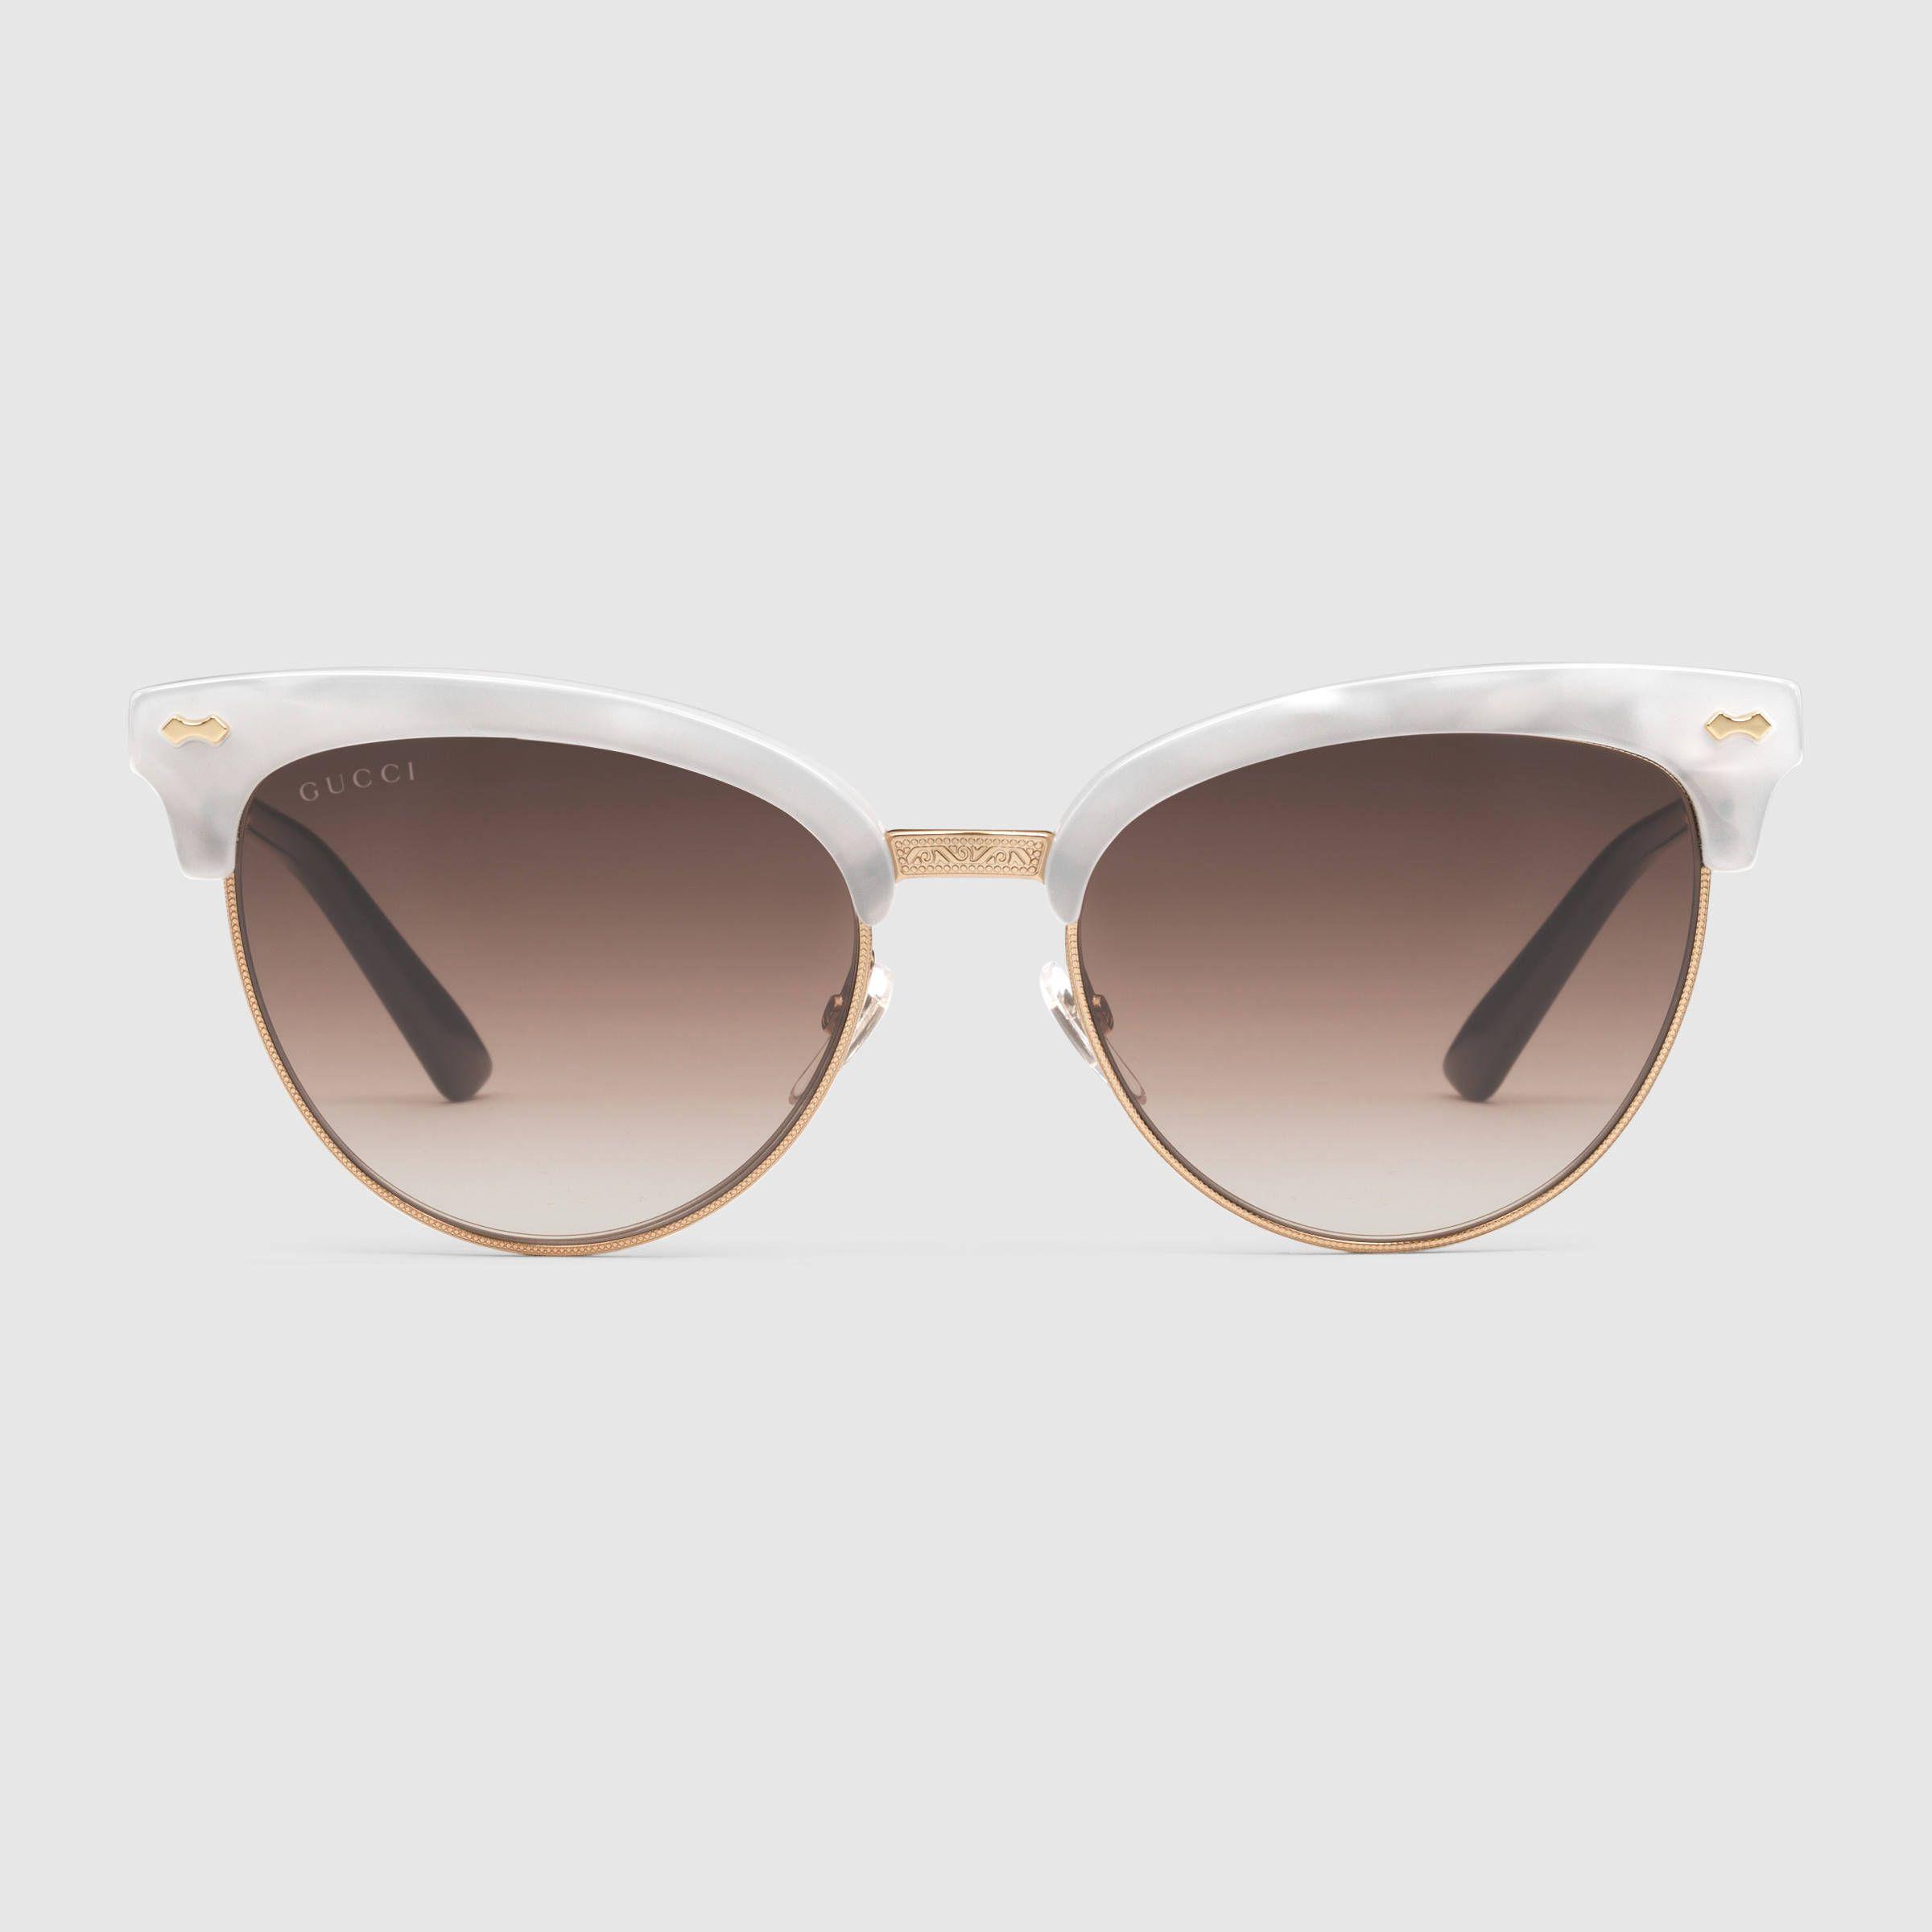 Katzenaugen-Sonnenbrille aus Azetat und Metall RtMjTuq